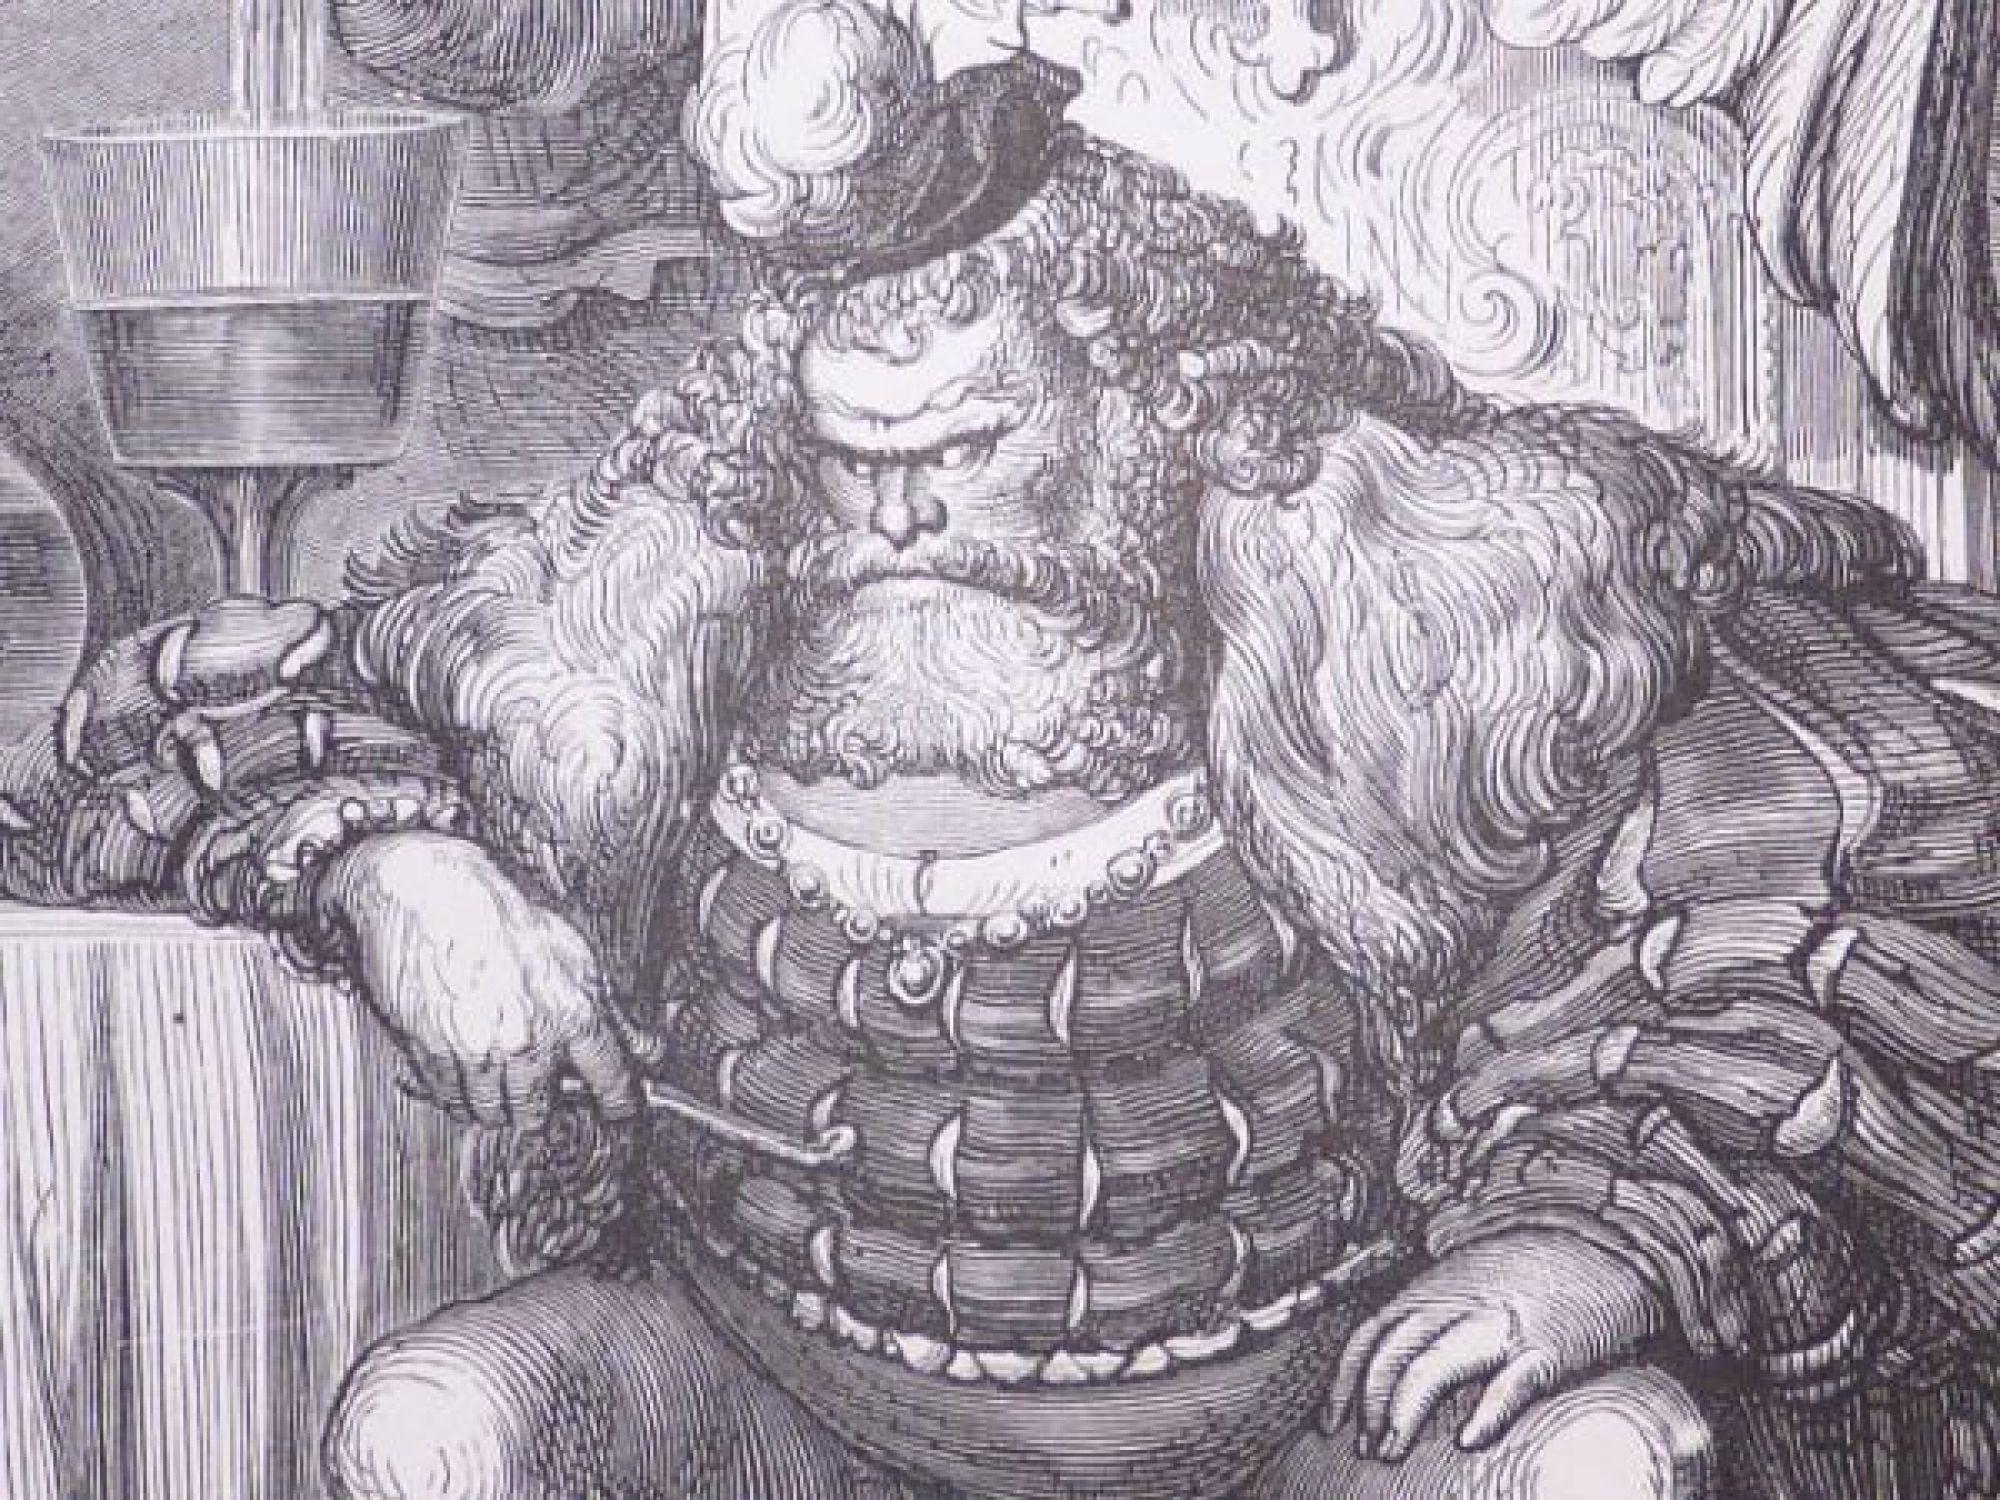 Charles Perrault Contes Le Chat Botté Chez L Ogre Gravure